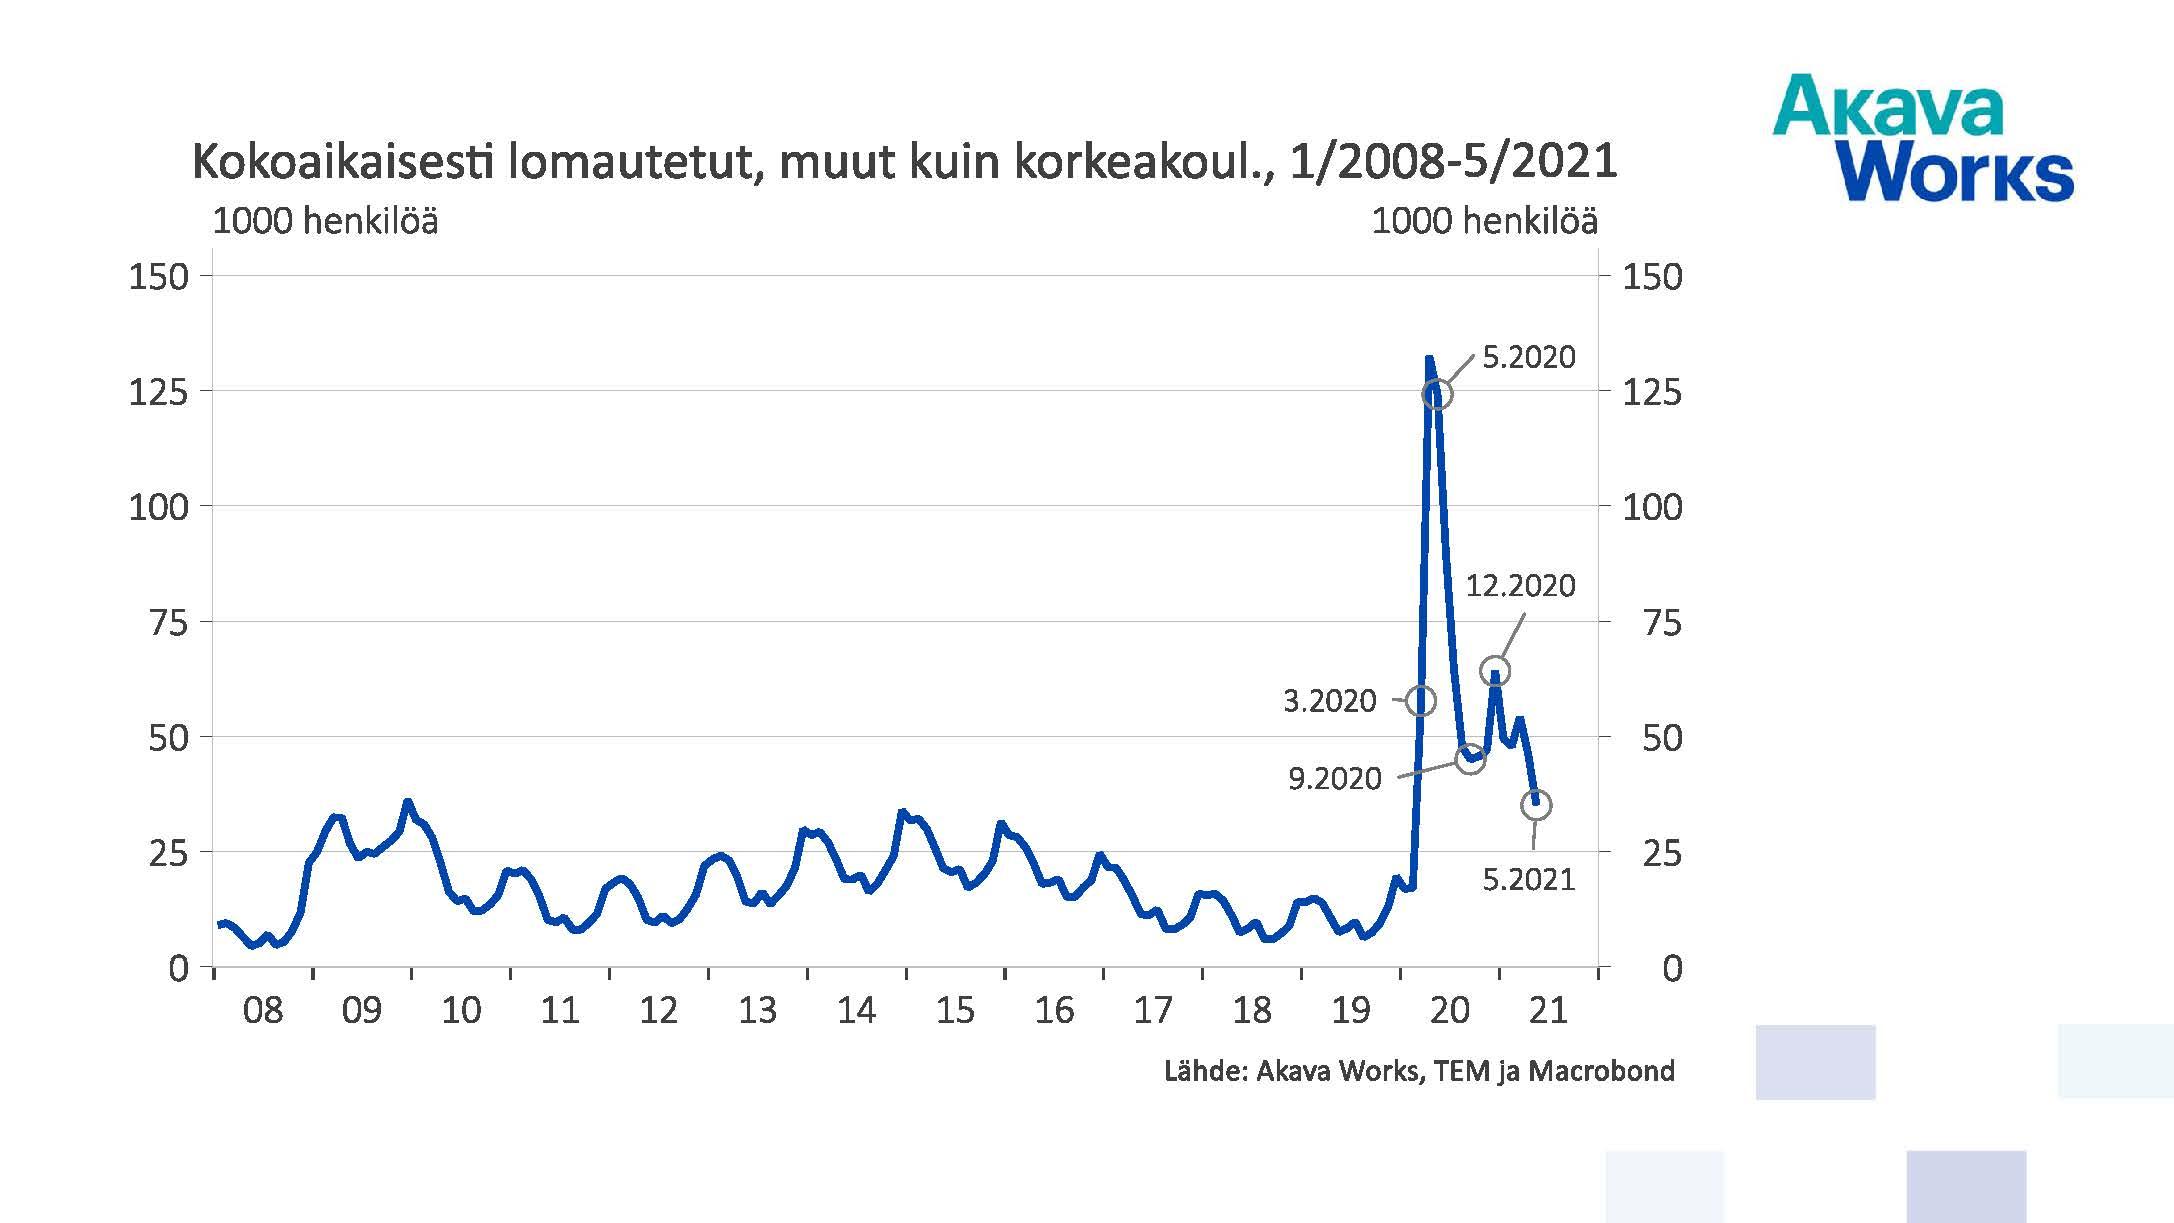 Kokoaikaisesti lomautetut, muut kuin korkeakoulutetut 01/2008 - 05/2021